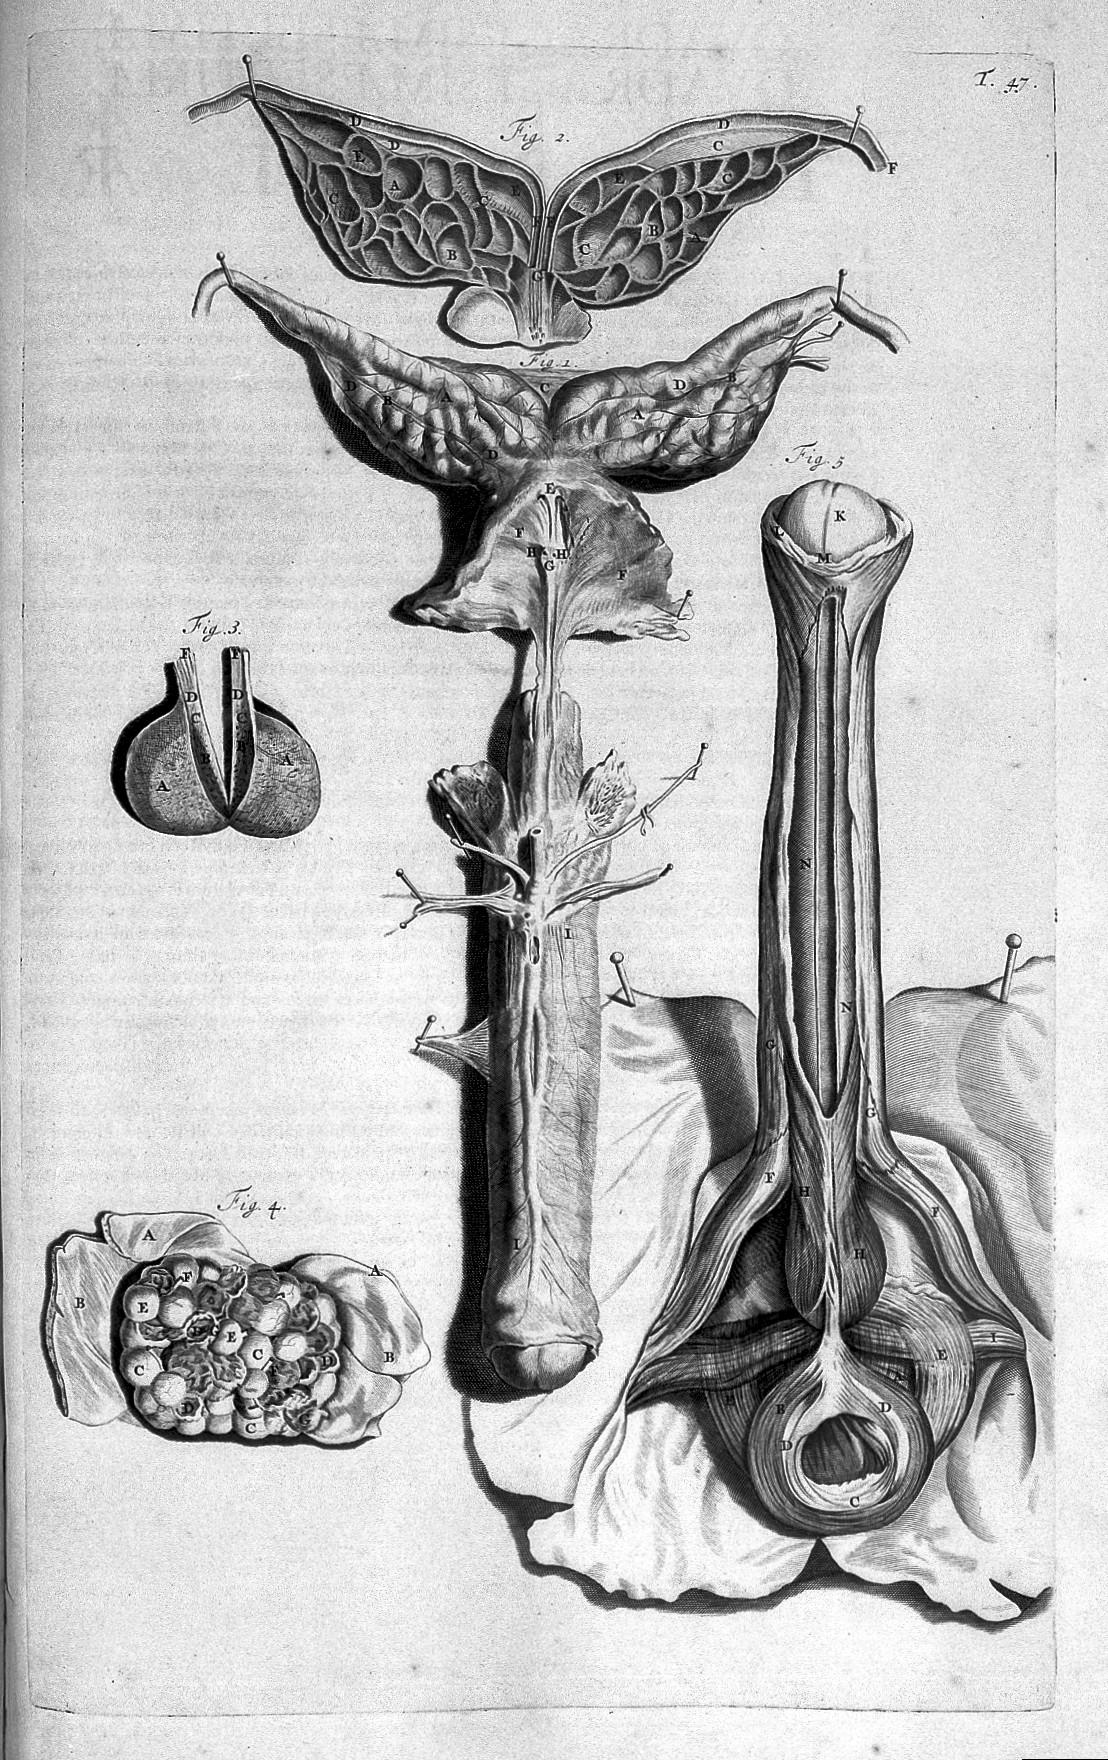 File:G. Bidloo, Anatomia humani corporis... Wellcome L0022341.jpg ...